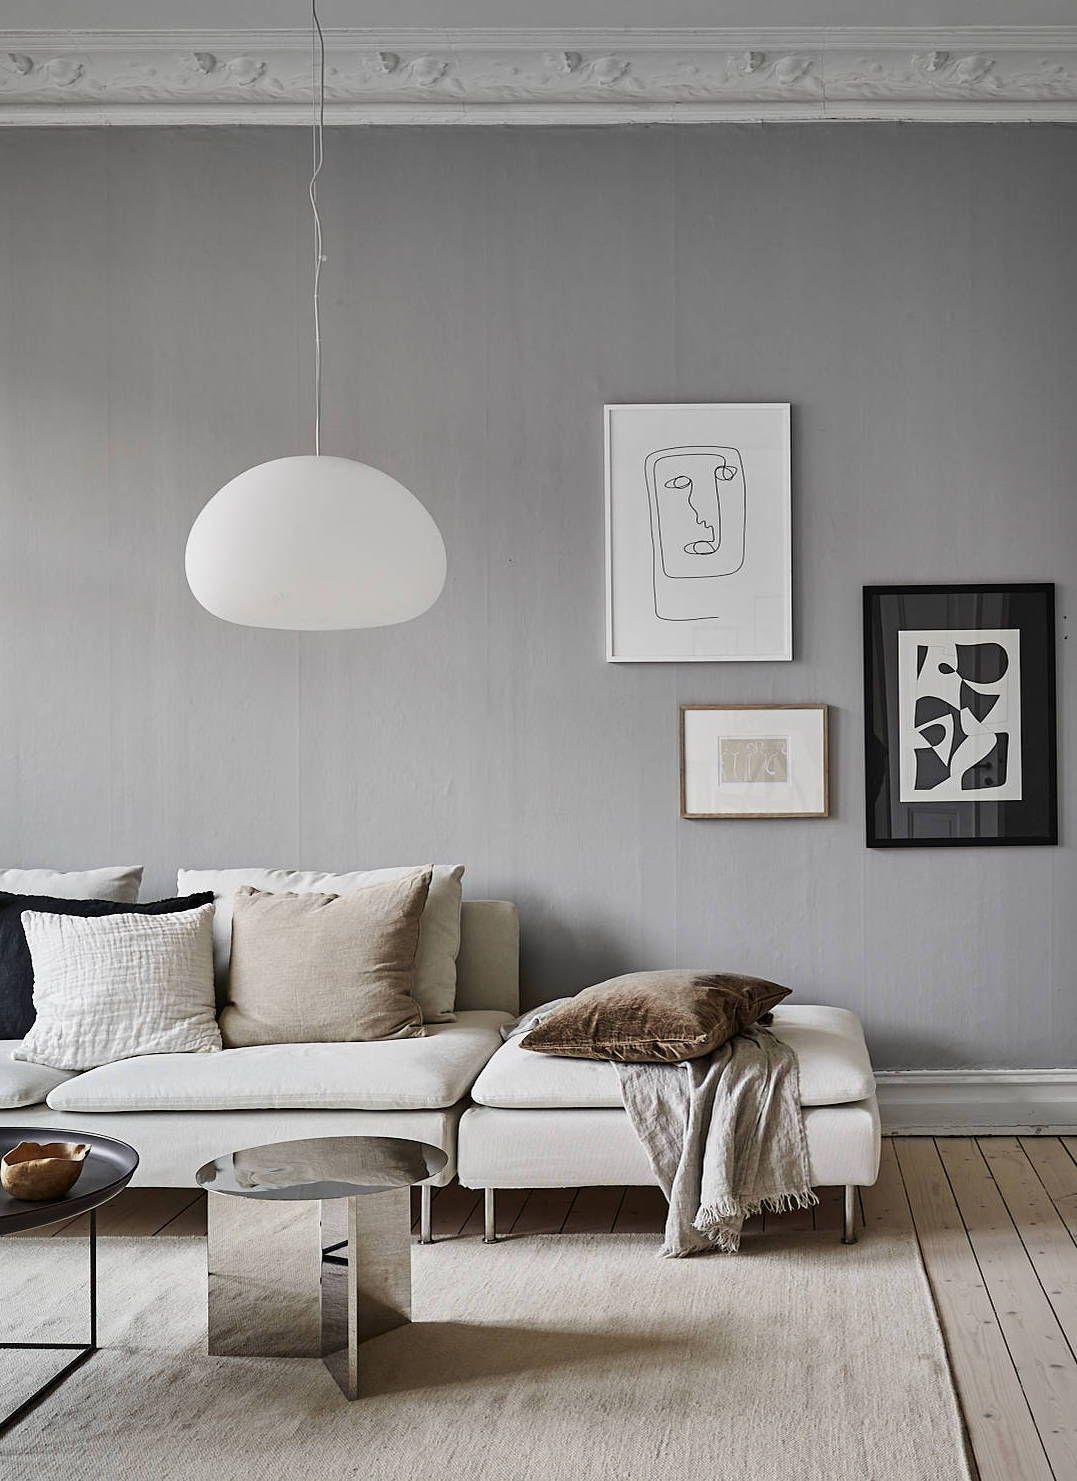 Mobili Da Soggiorno Bianchi grey home with a natural touch | decorazione di stanze